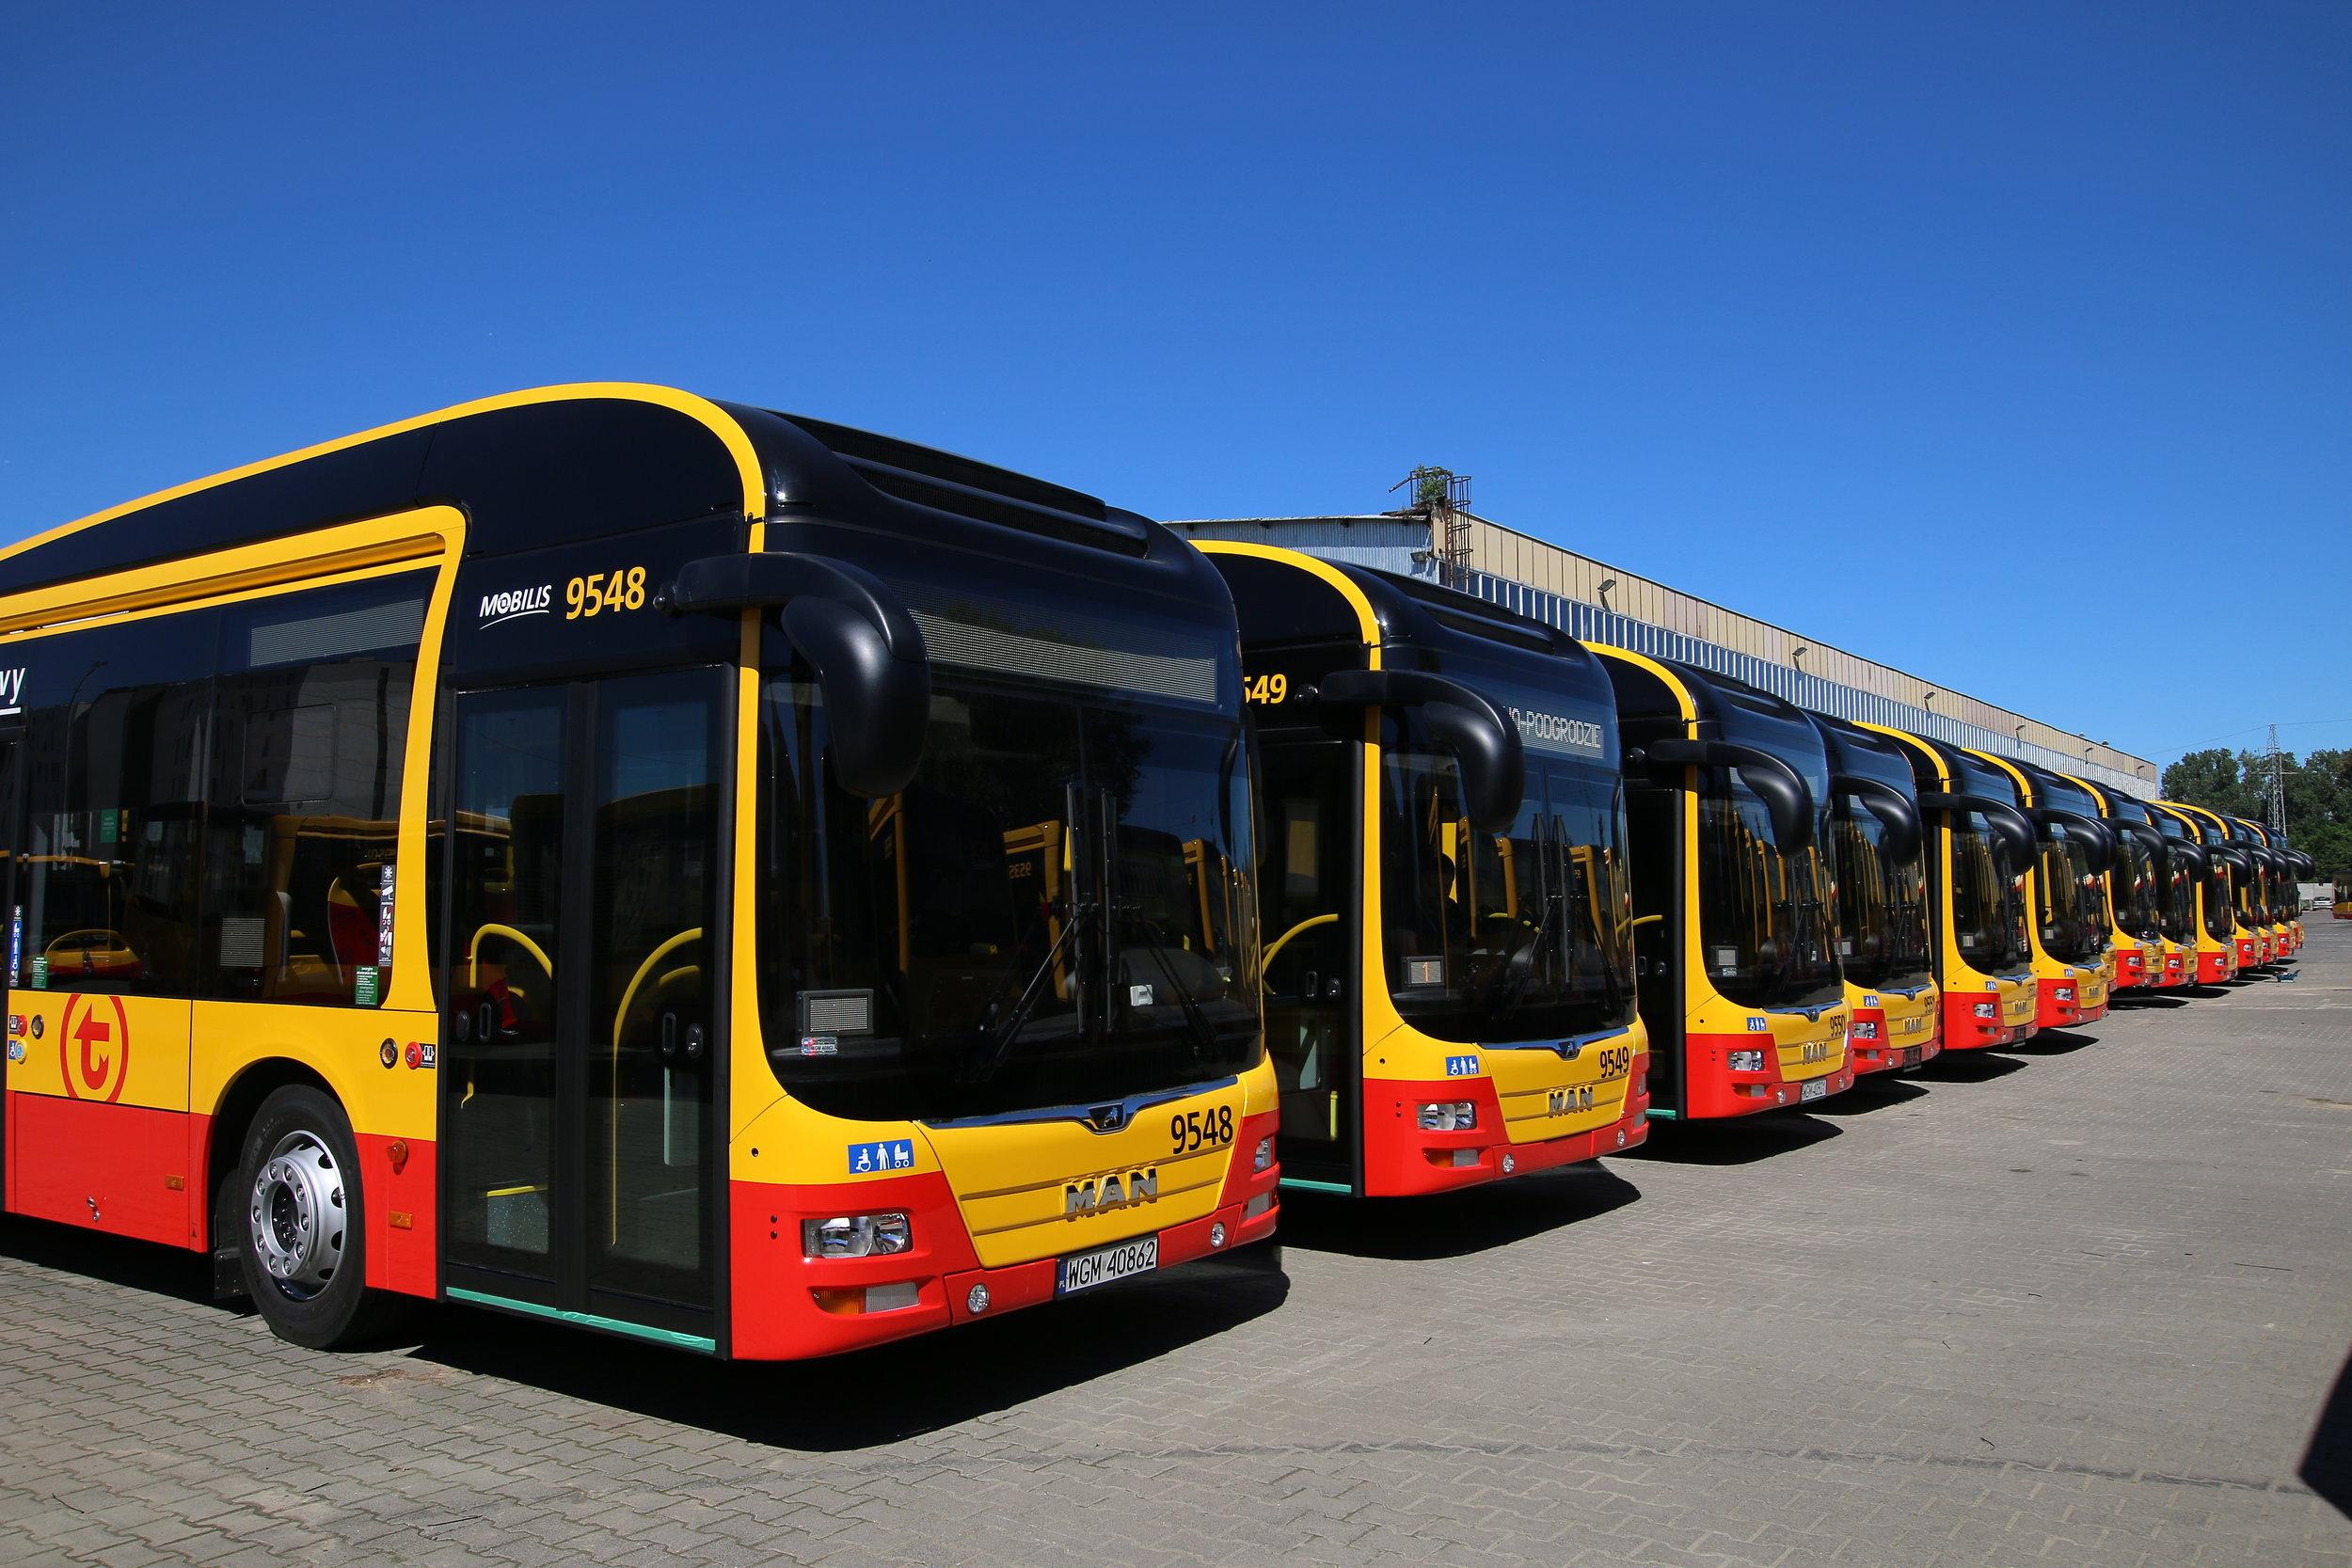 Nedávno bylo do provozu zařazeno ve Varšavě 61 hybridních autobusů MAN u dopravce Mobilis (na snímku vidíme část této flotily). Nyní si 110 plynových vozů objednal dopravce MZA. O hybridních vozech v polské metropoli si budete moci přečíst v obsahlejším příspěvku v čísle 3/2018 tištěného časopisu. (foto: MAN Truck & Bus)